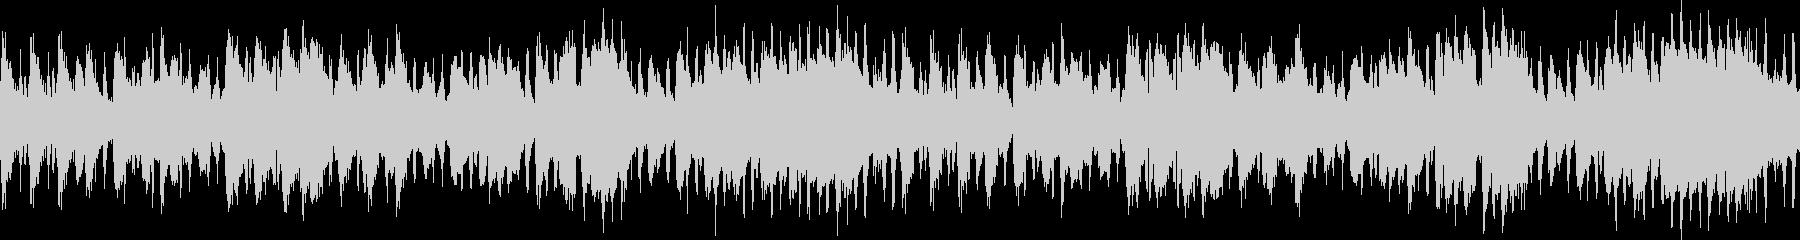 調律の狂ったピアノのワルツ・ホラーの未再生の波形